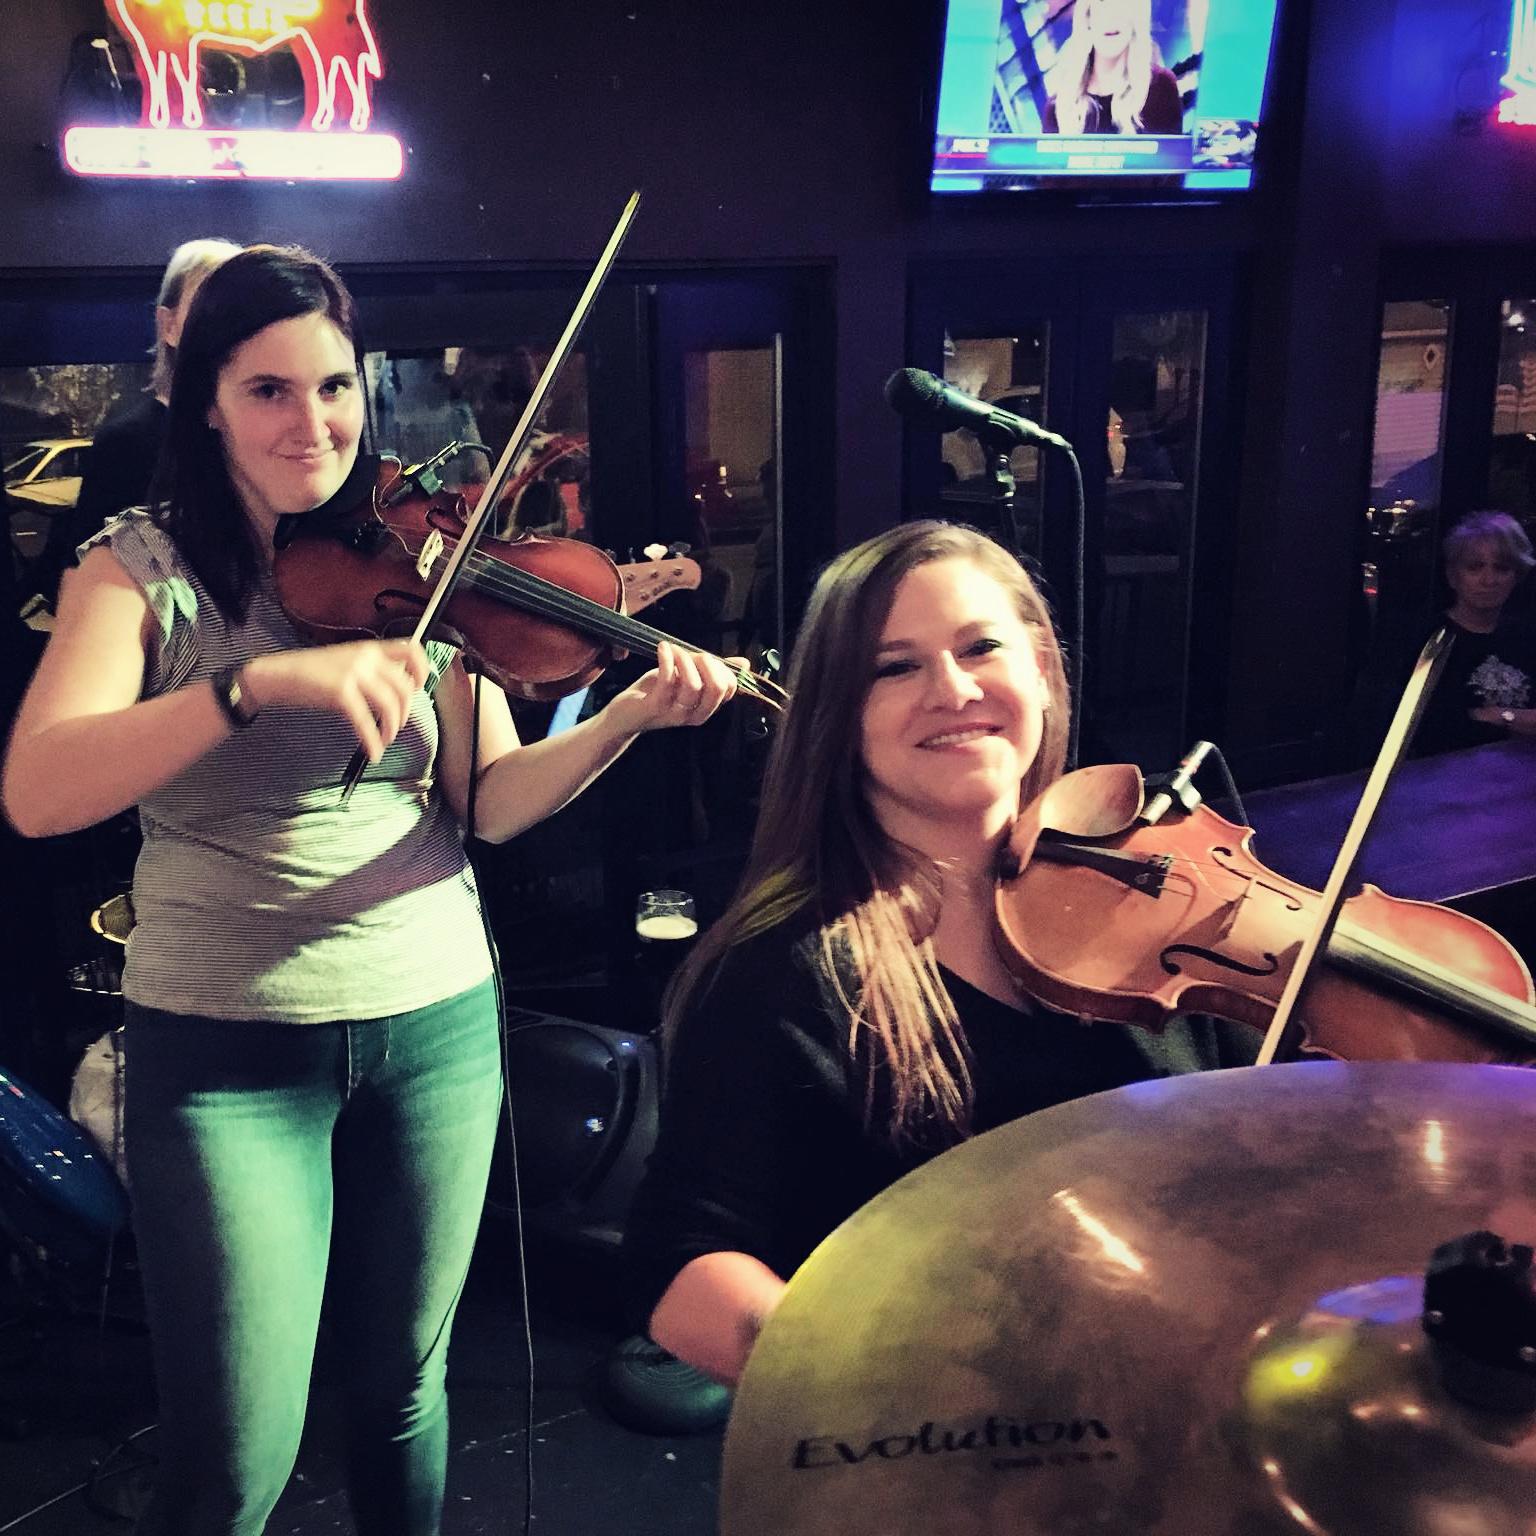 Rachel & Hannah Devil Violin Duel!